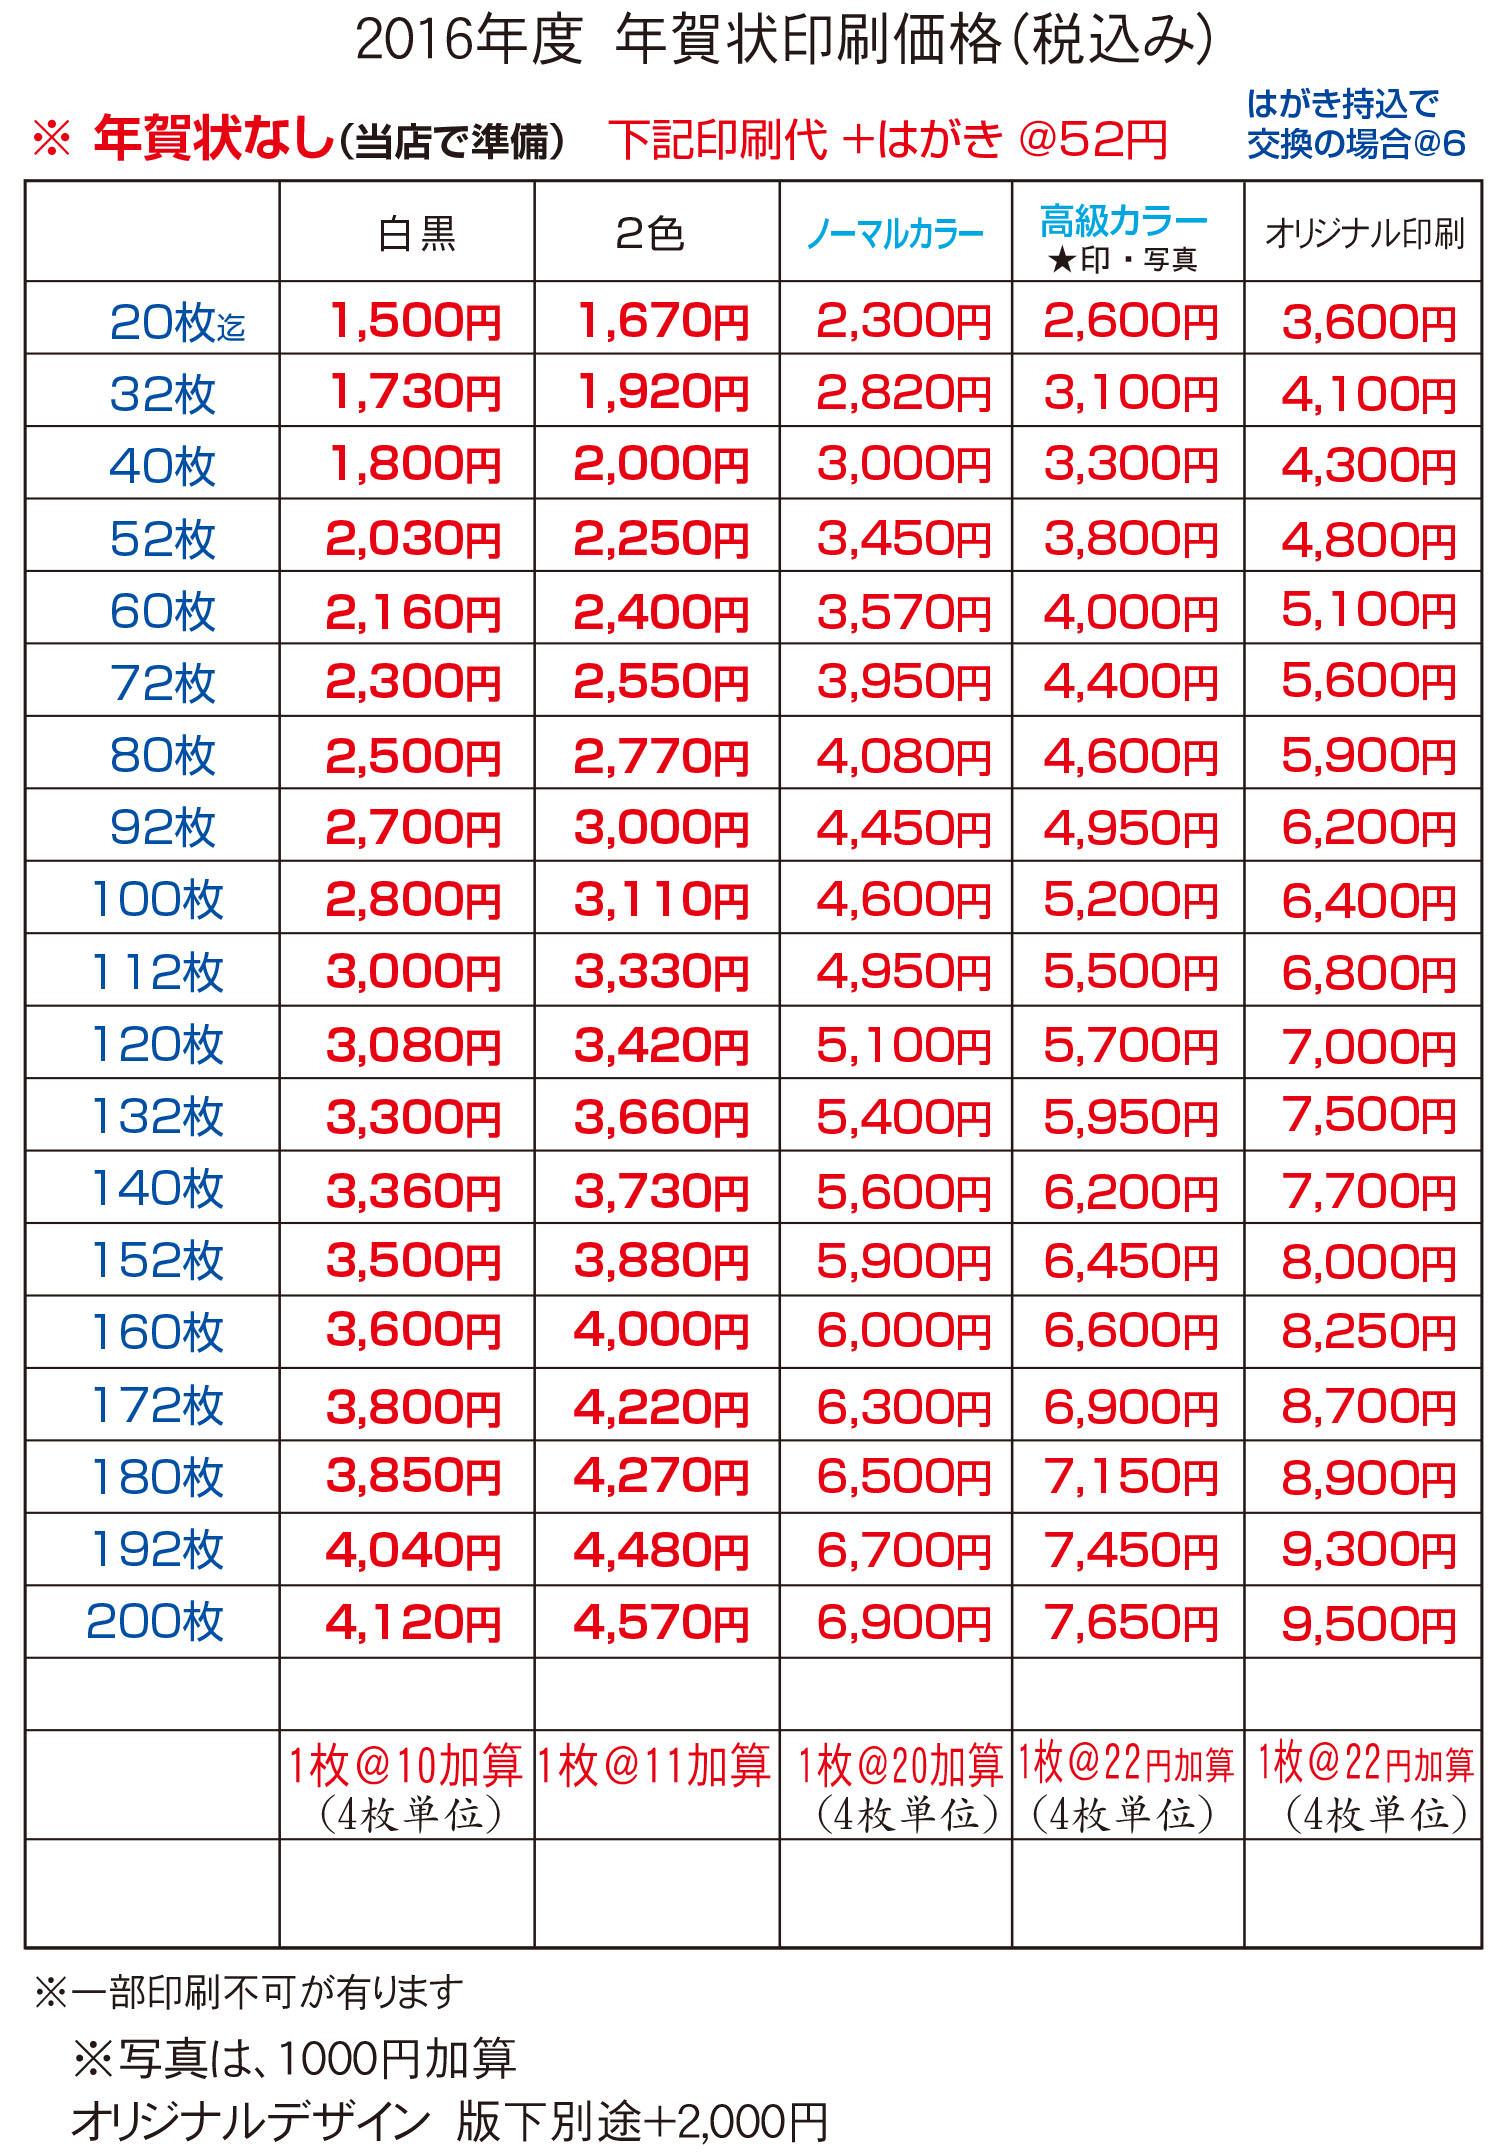 年賀状価格2016(はがきなし)